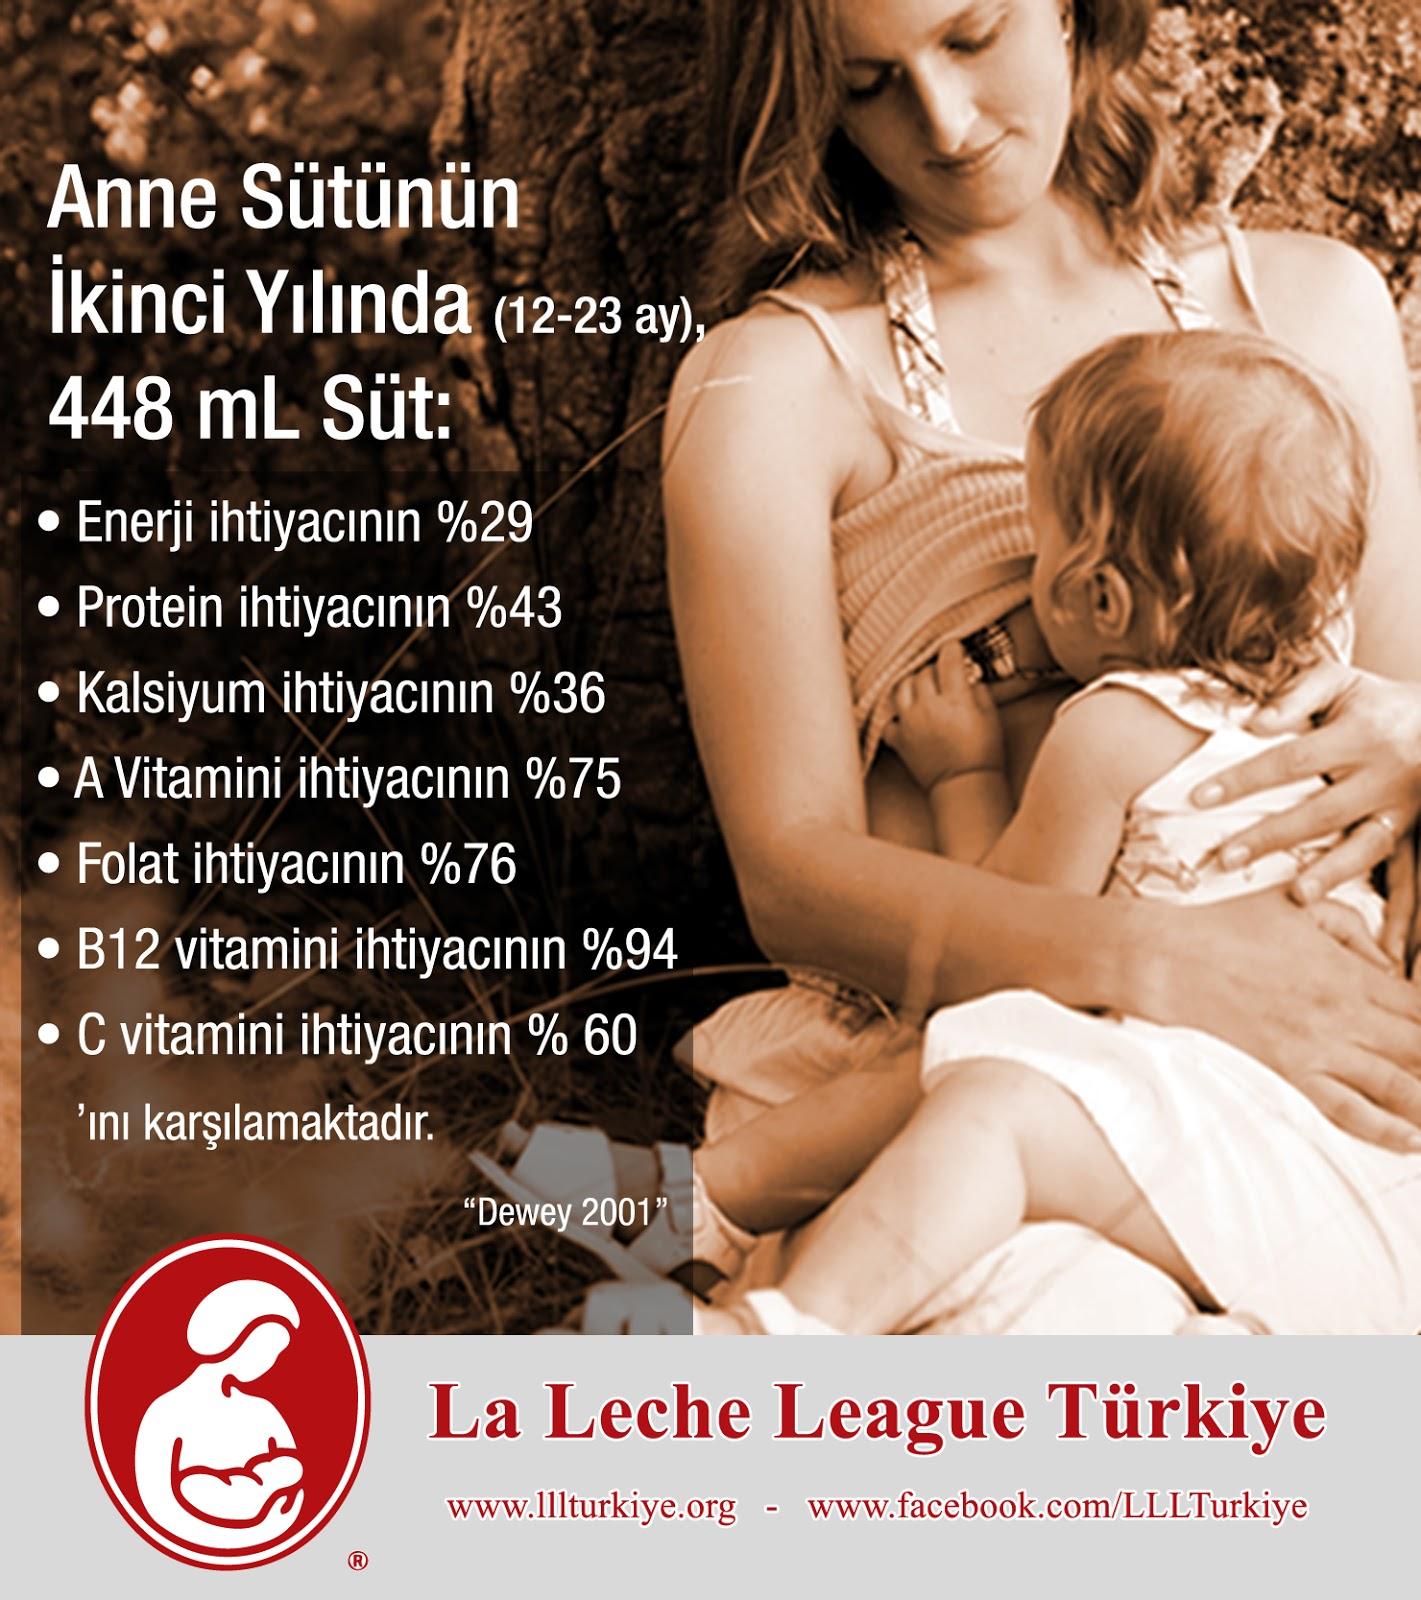 Yeni anneler için önemli bilgiler